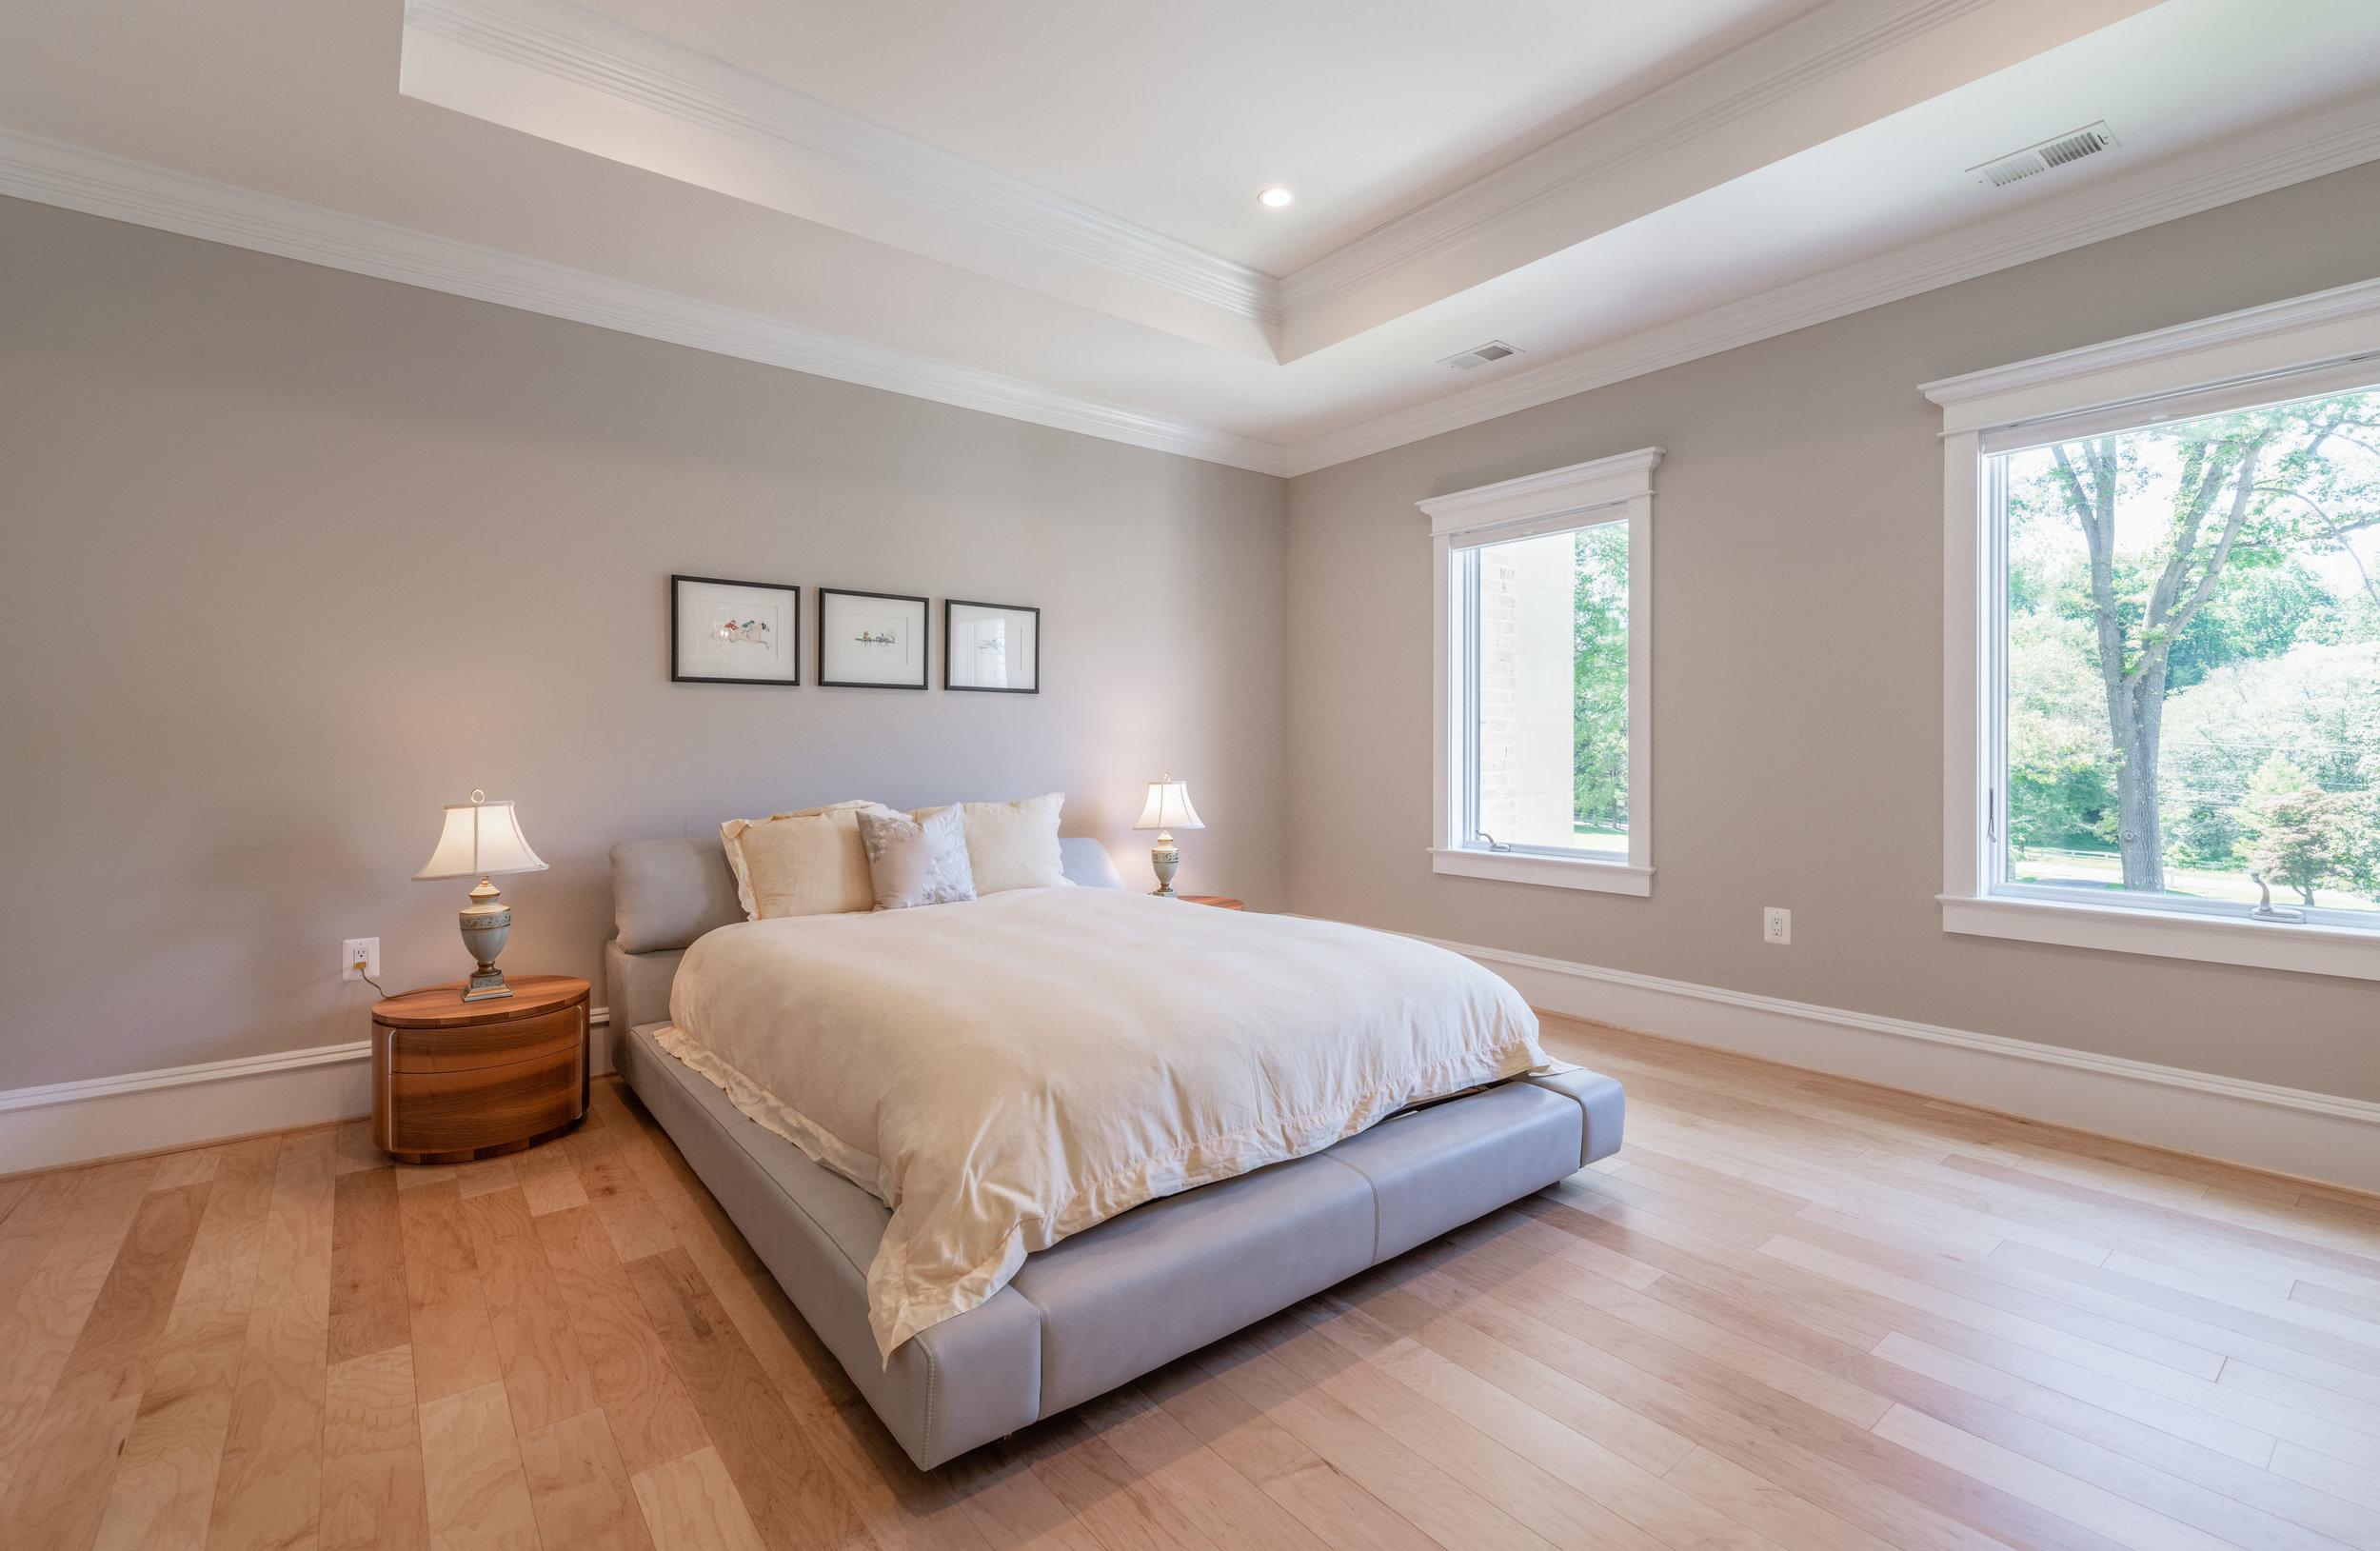 Bedroom Two with Walk-in Closet and En Suite Bathroom